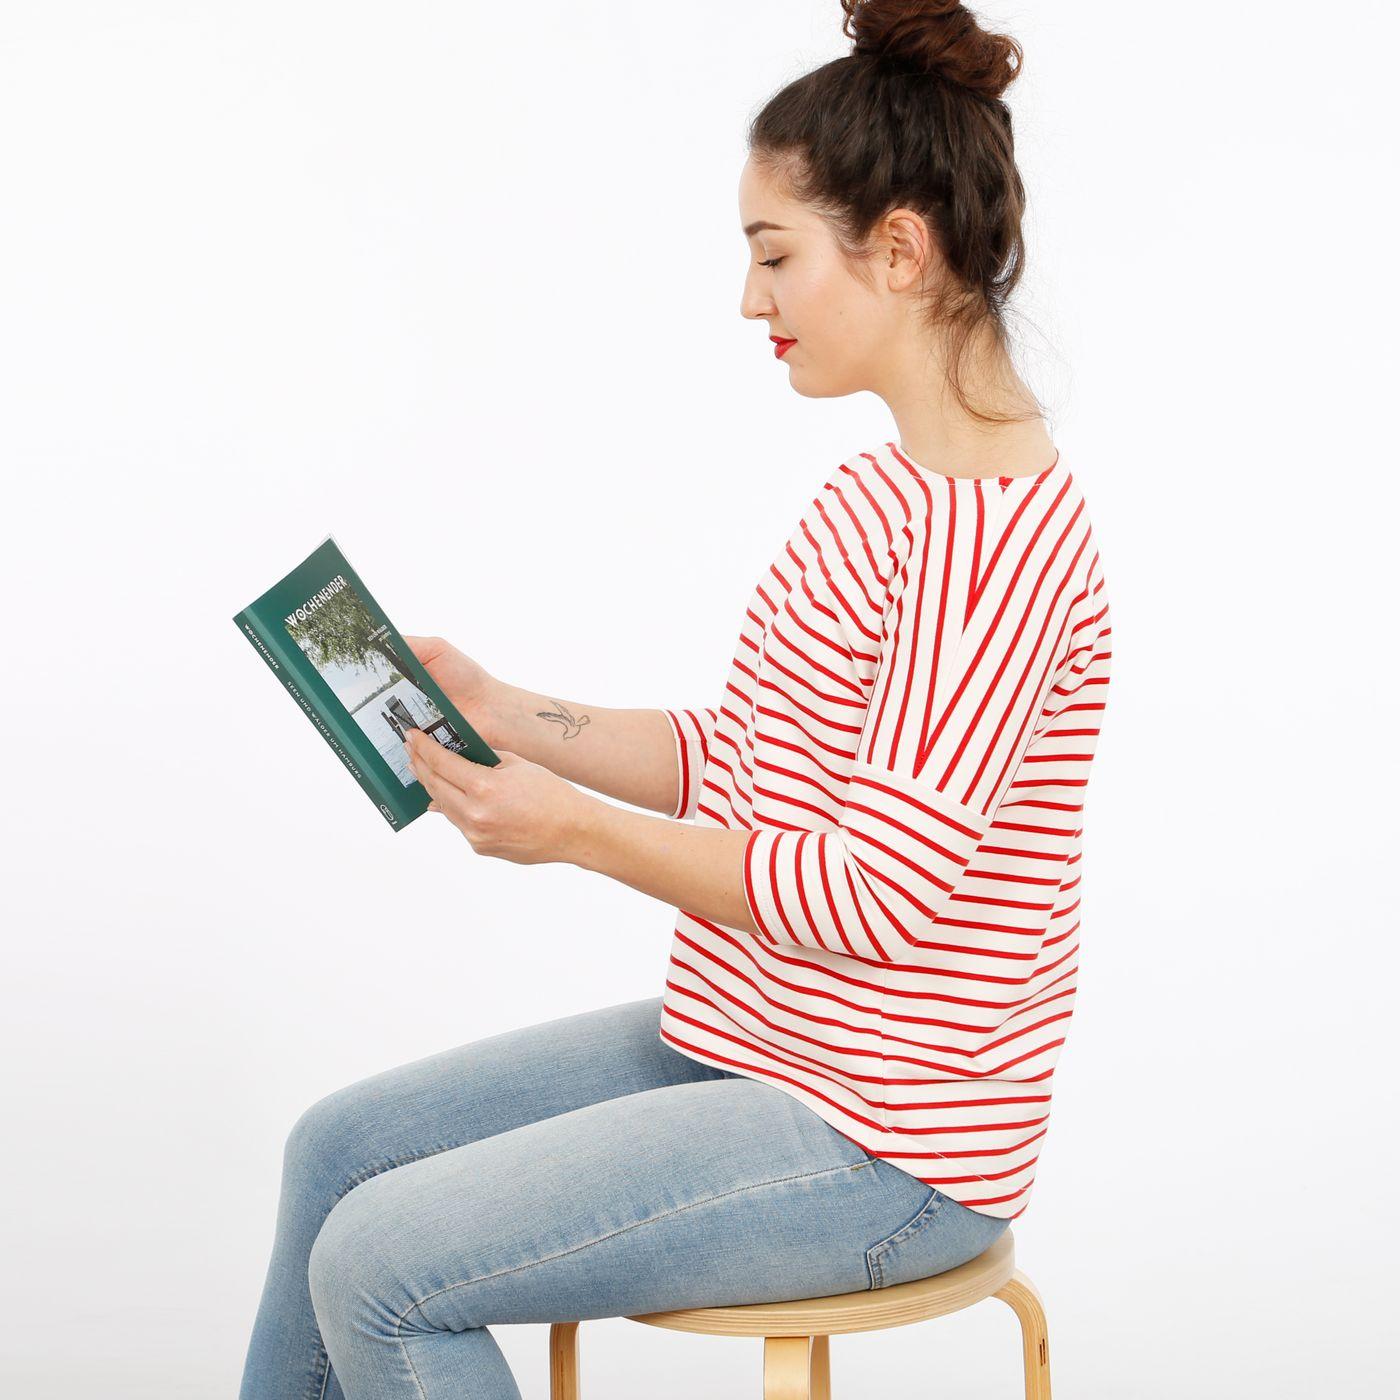 Produktfoto 7 von STUDIO SCHNITTREIF für Schnittmuster FRAU KARLA & KARLA Shirts im Partnerlook